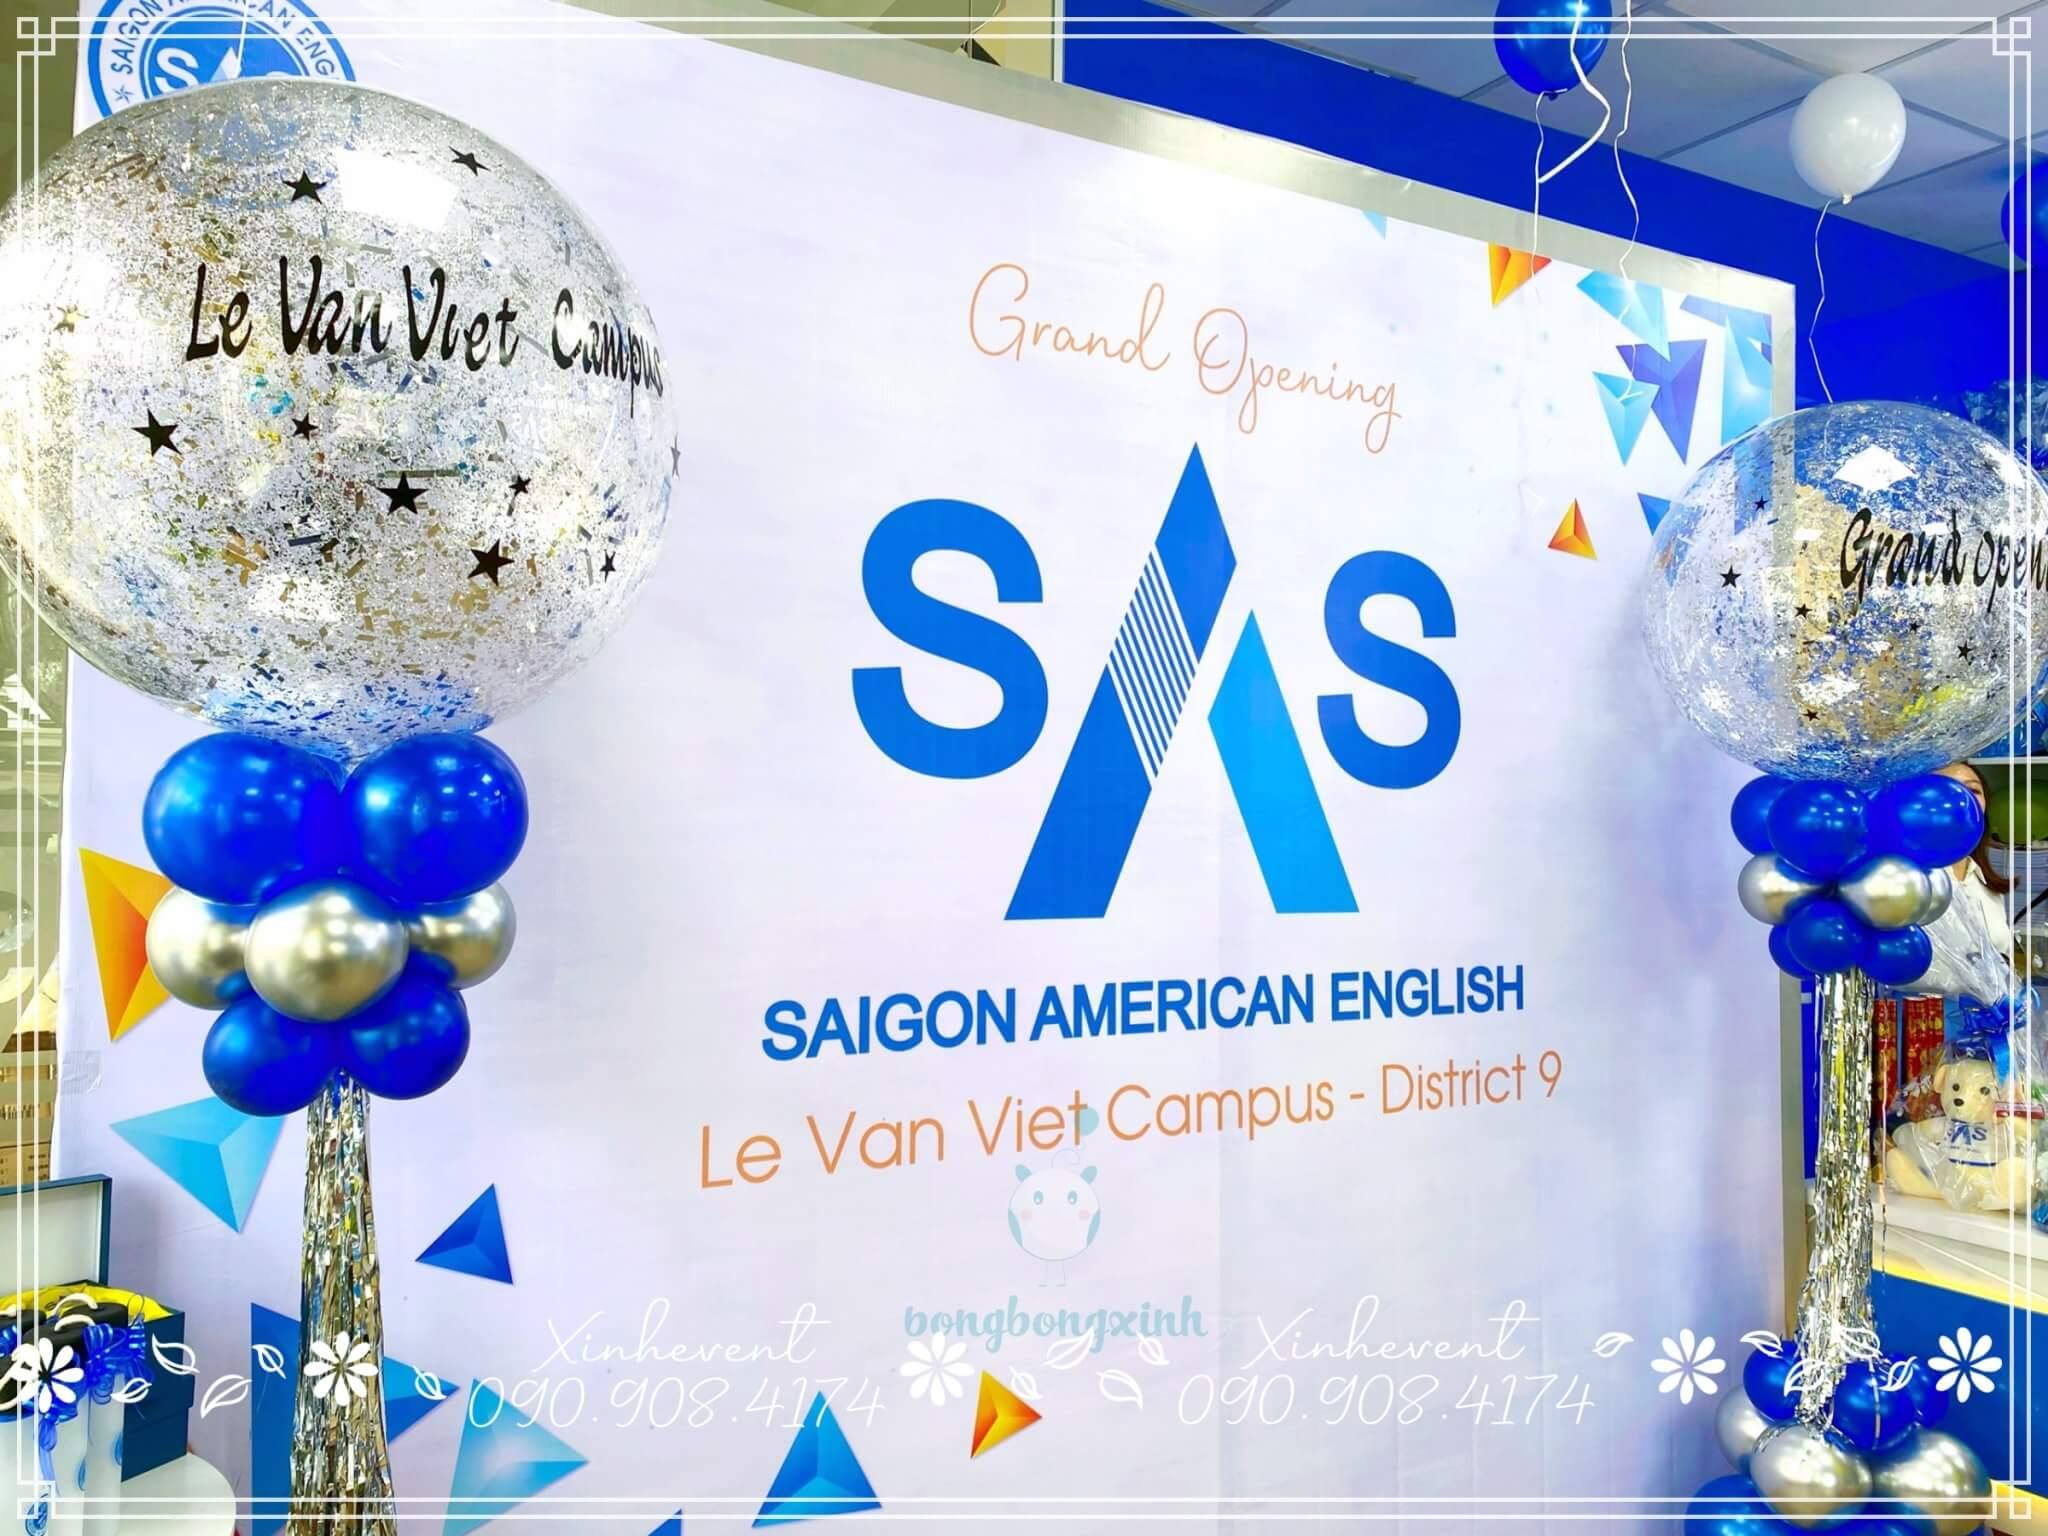 Cận cảnh backdrop khai trương trung tâm ngoại ngữ SAS